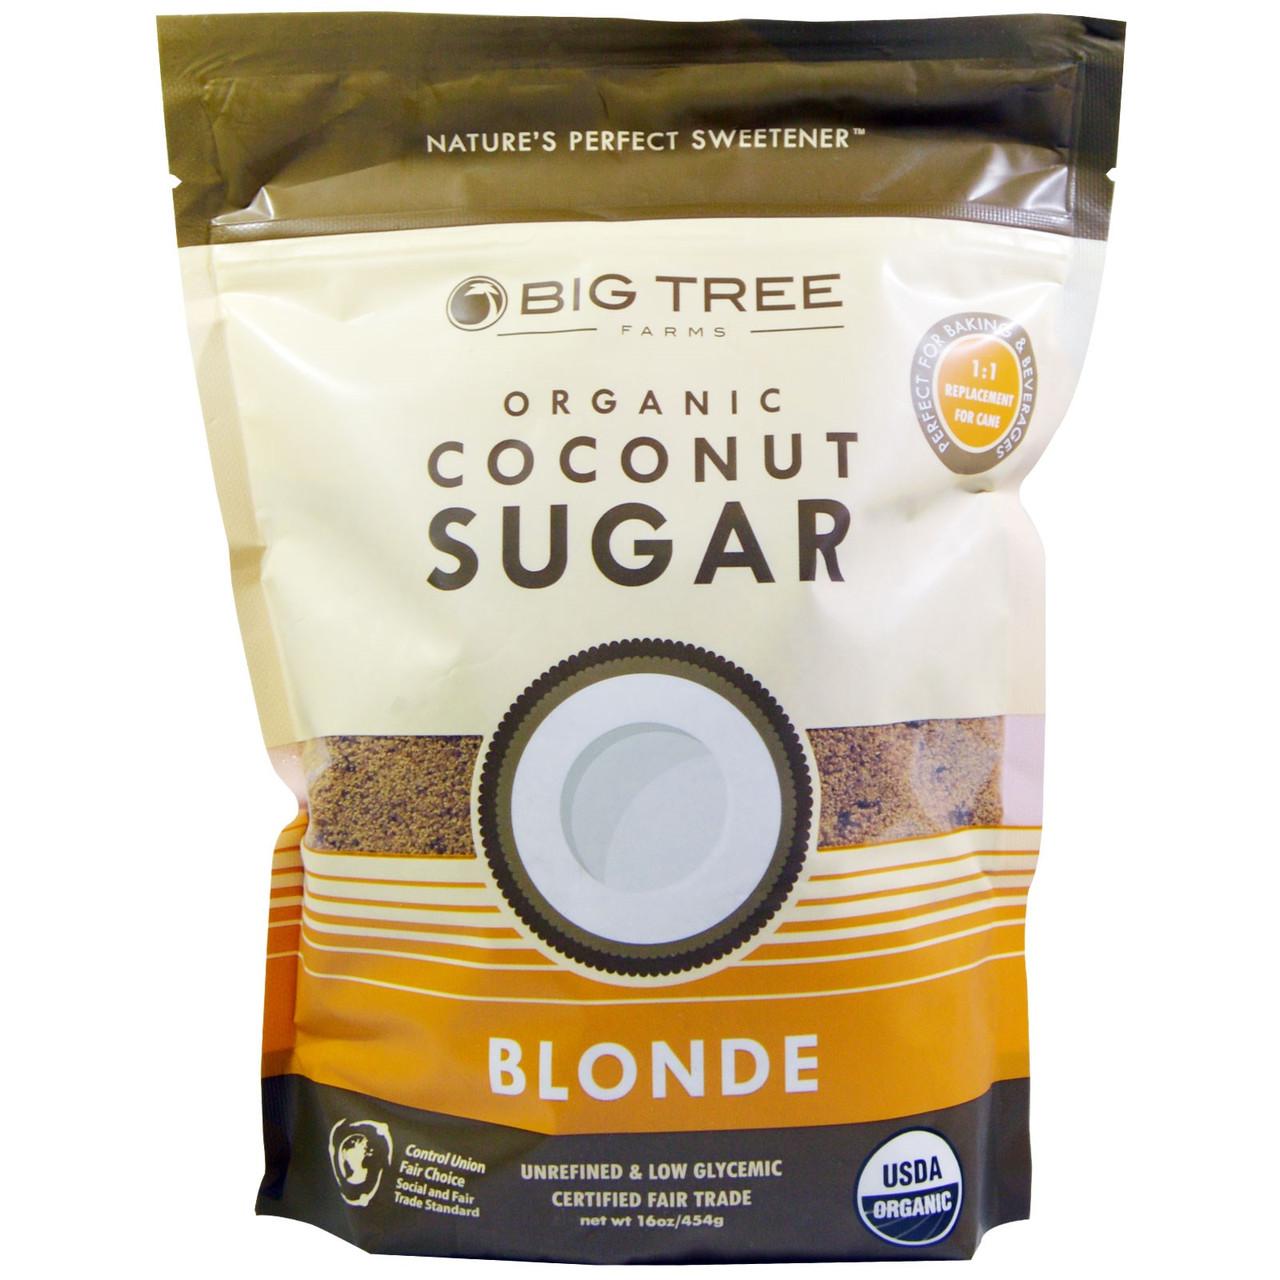 Органический кокосовый сахар, Big Tree Farms, 454 г, светлый